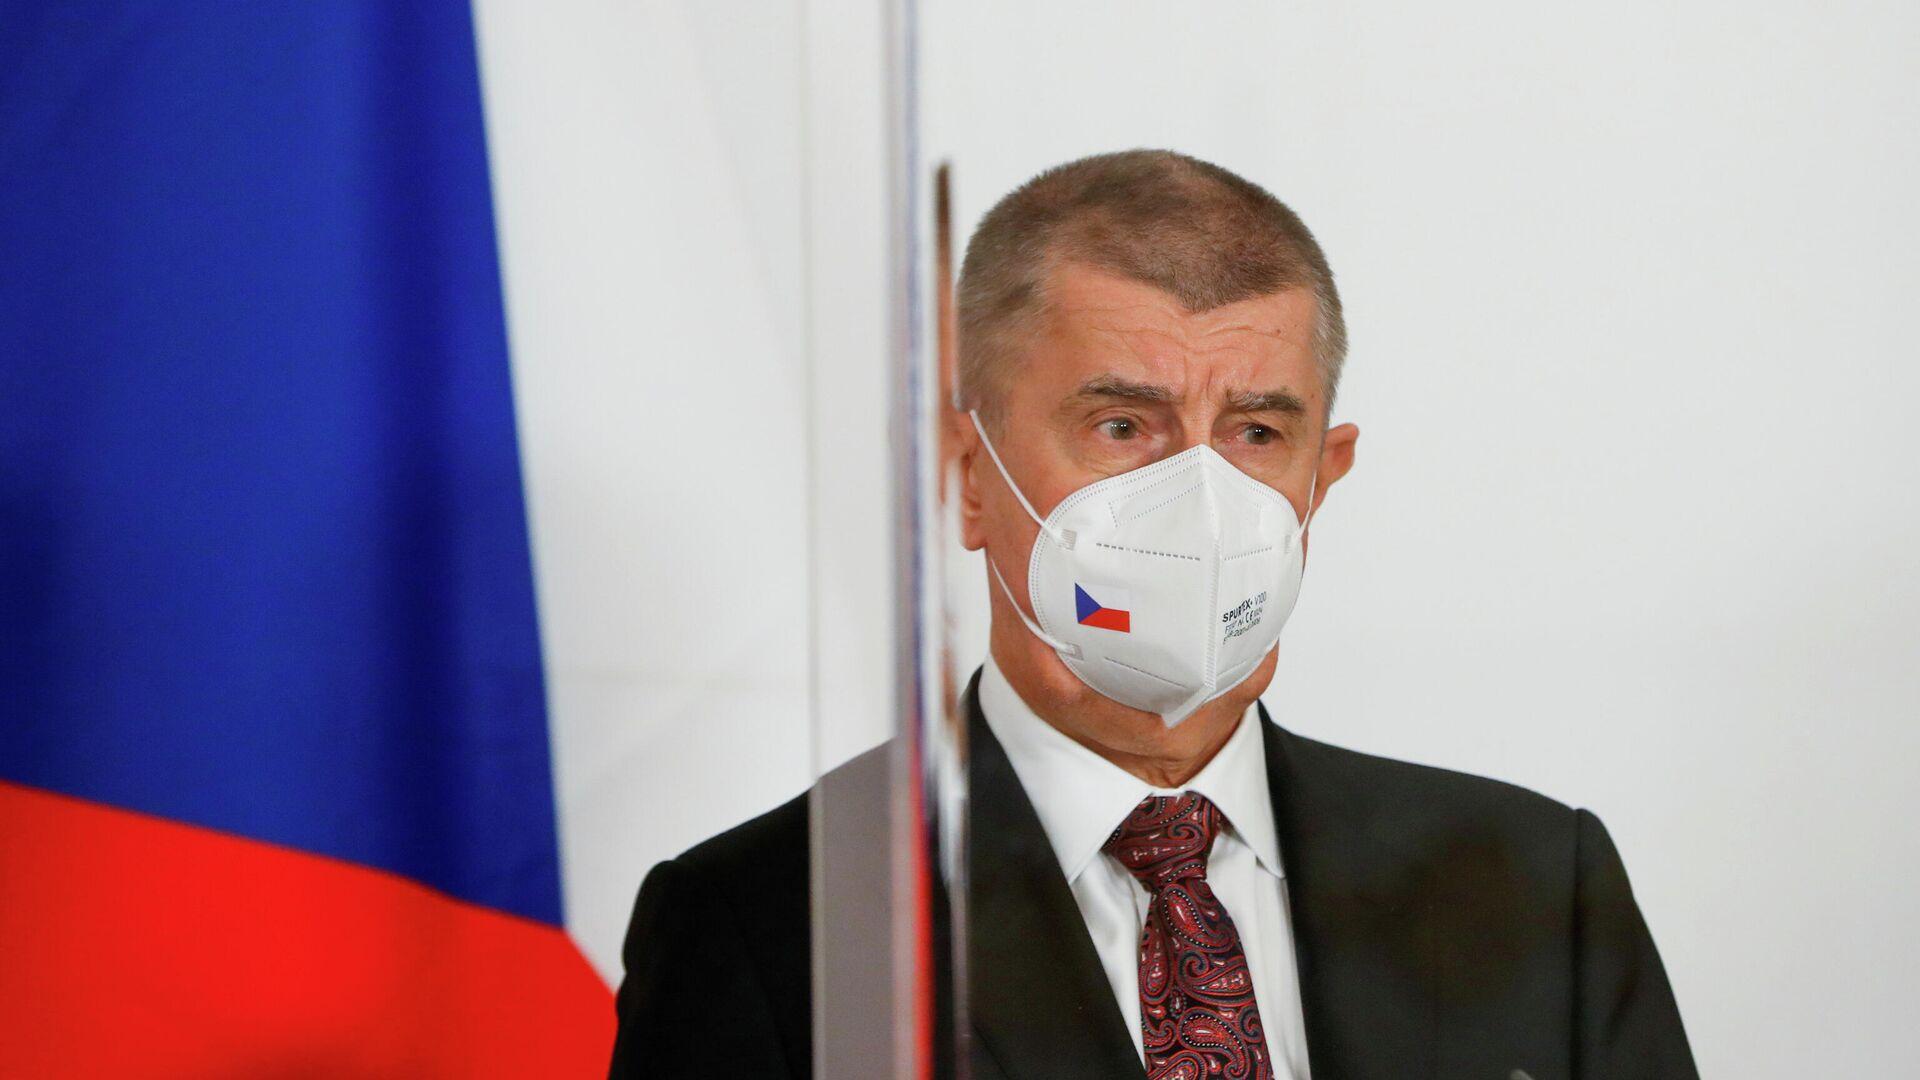 Премьер-министр Чехии Андрей Бабиш - РИА Новости, 1920, 06.05.2021